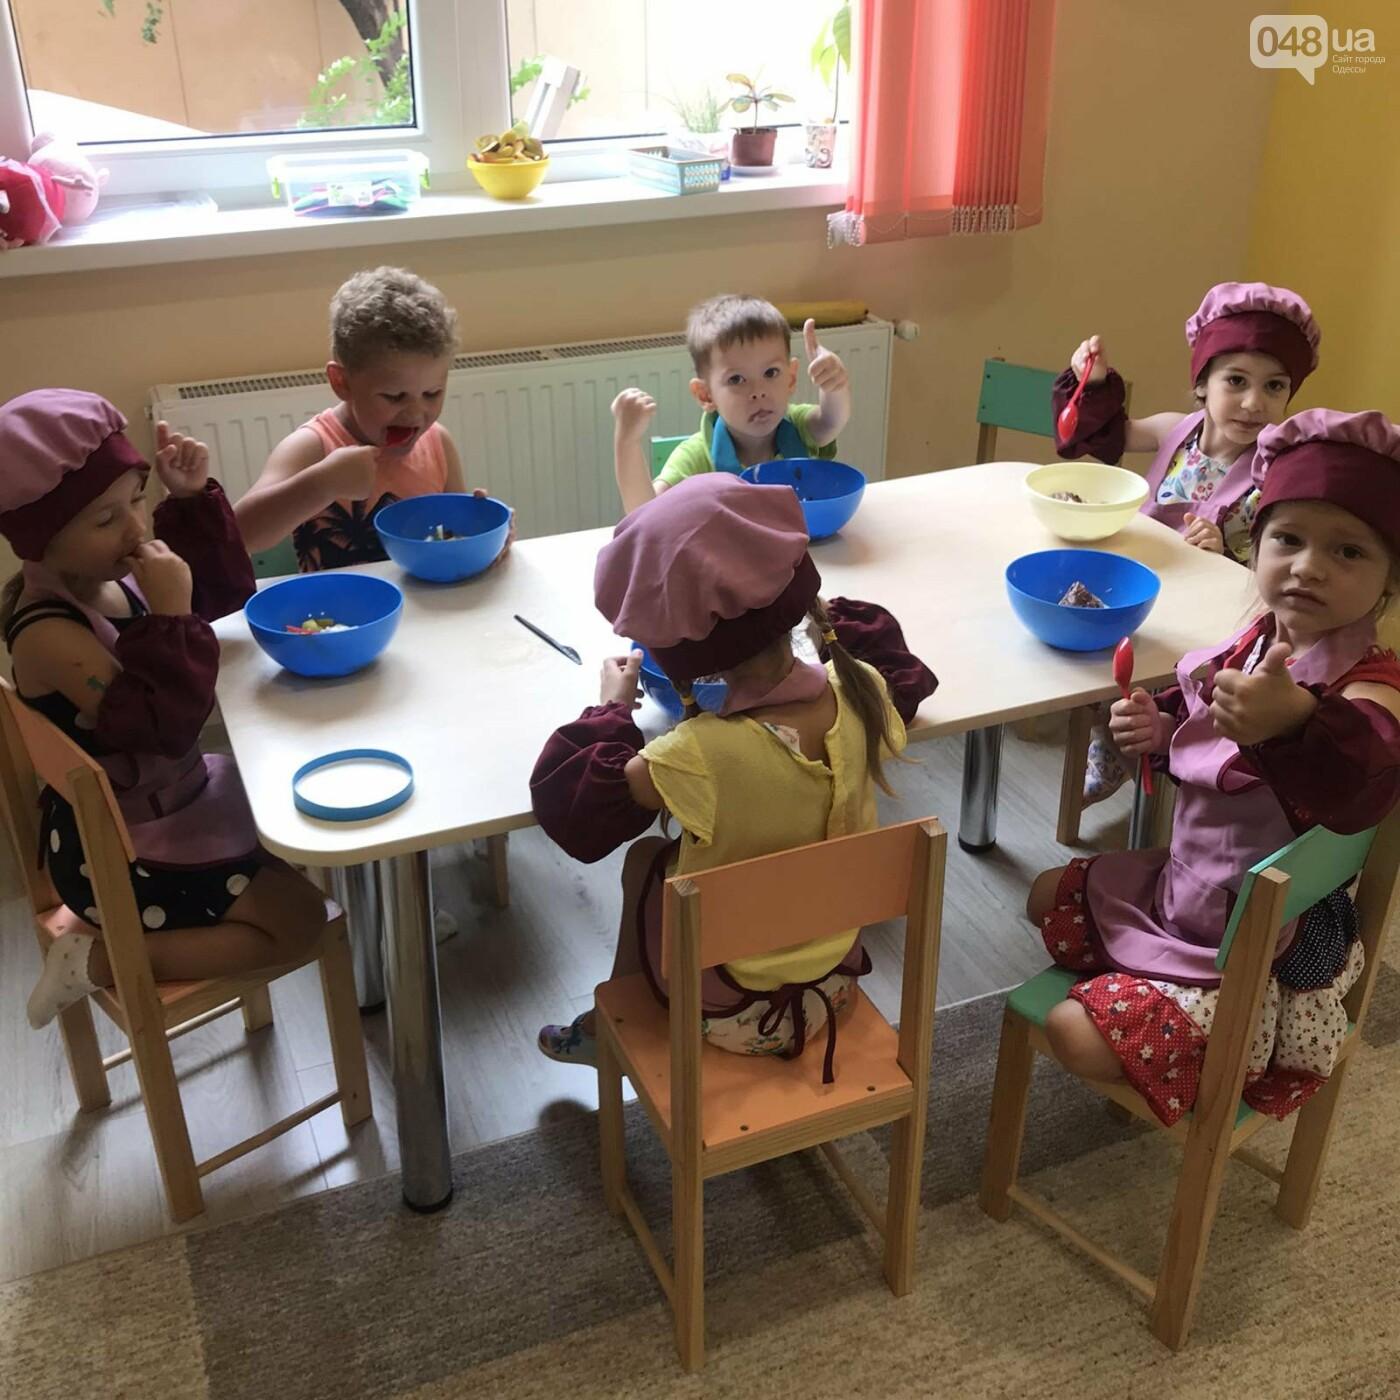 Детские сады и школы в Одессе, где учить ребенка?, фото-4